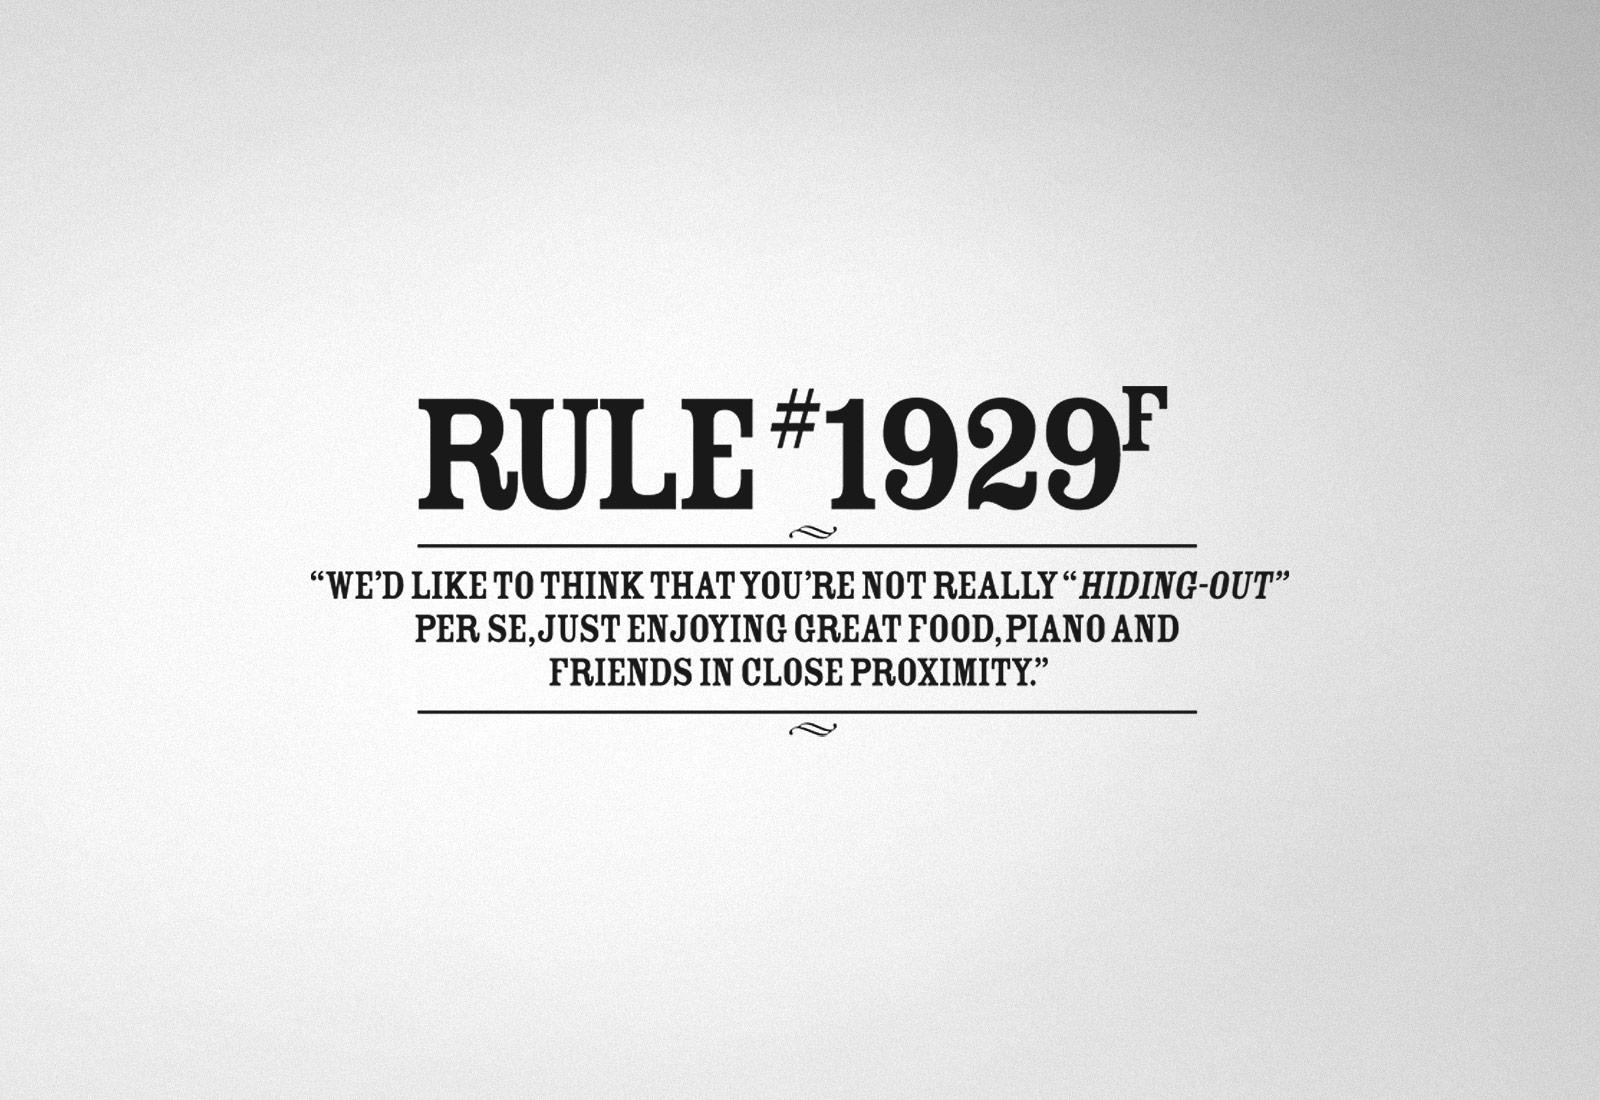 Rule 1929F